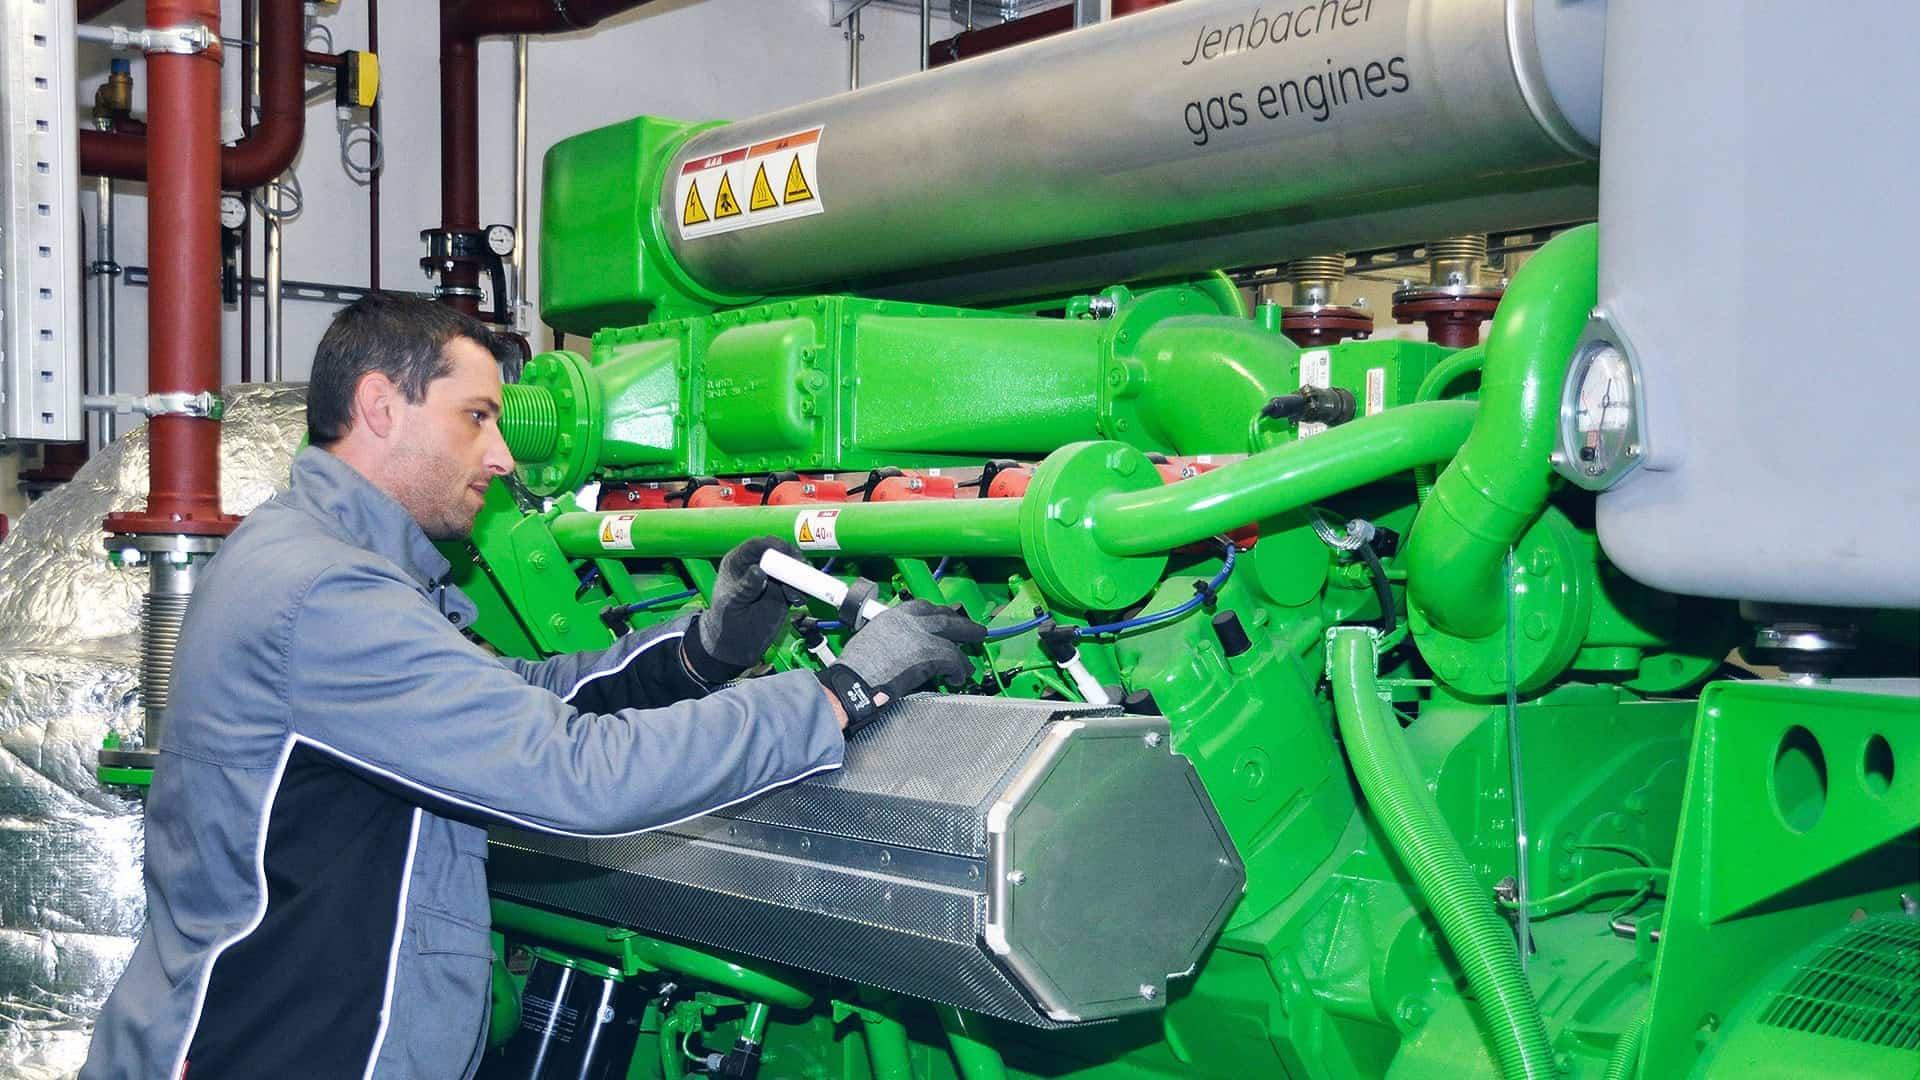 Gemäß VDI 4680: Ein ausgebildeter Servicemitarbeiter von Energas prüft eine Jenbacher BHKW-Anlage